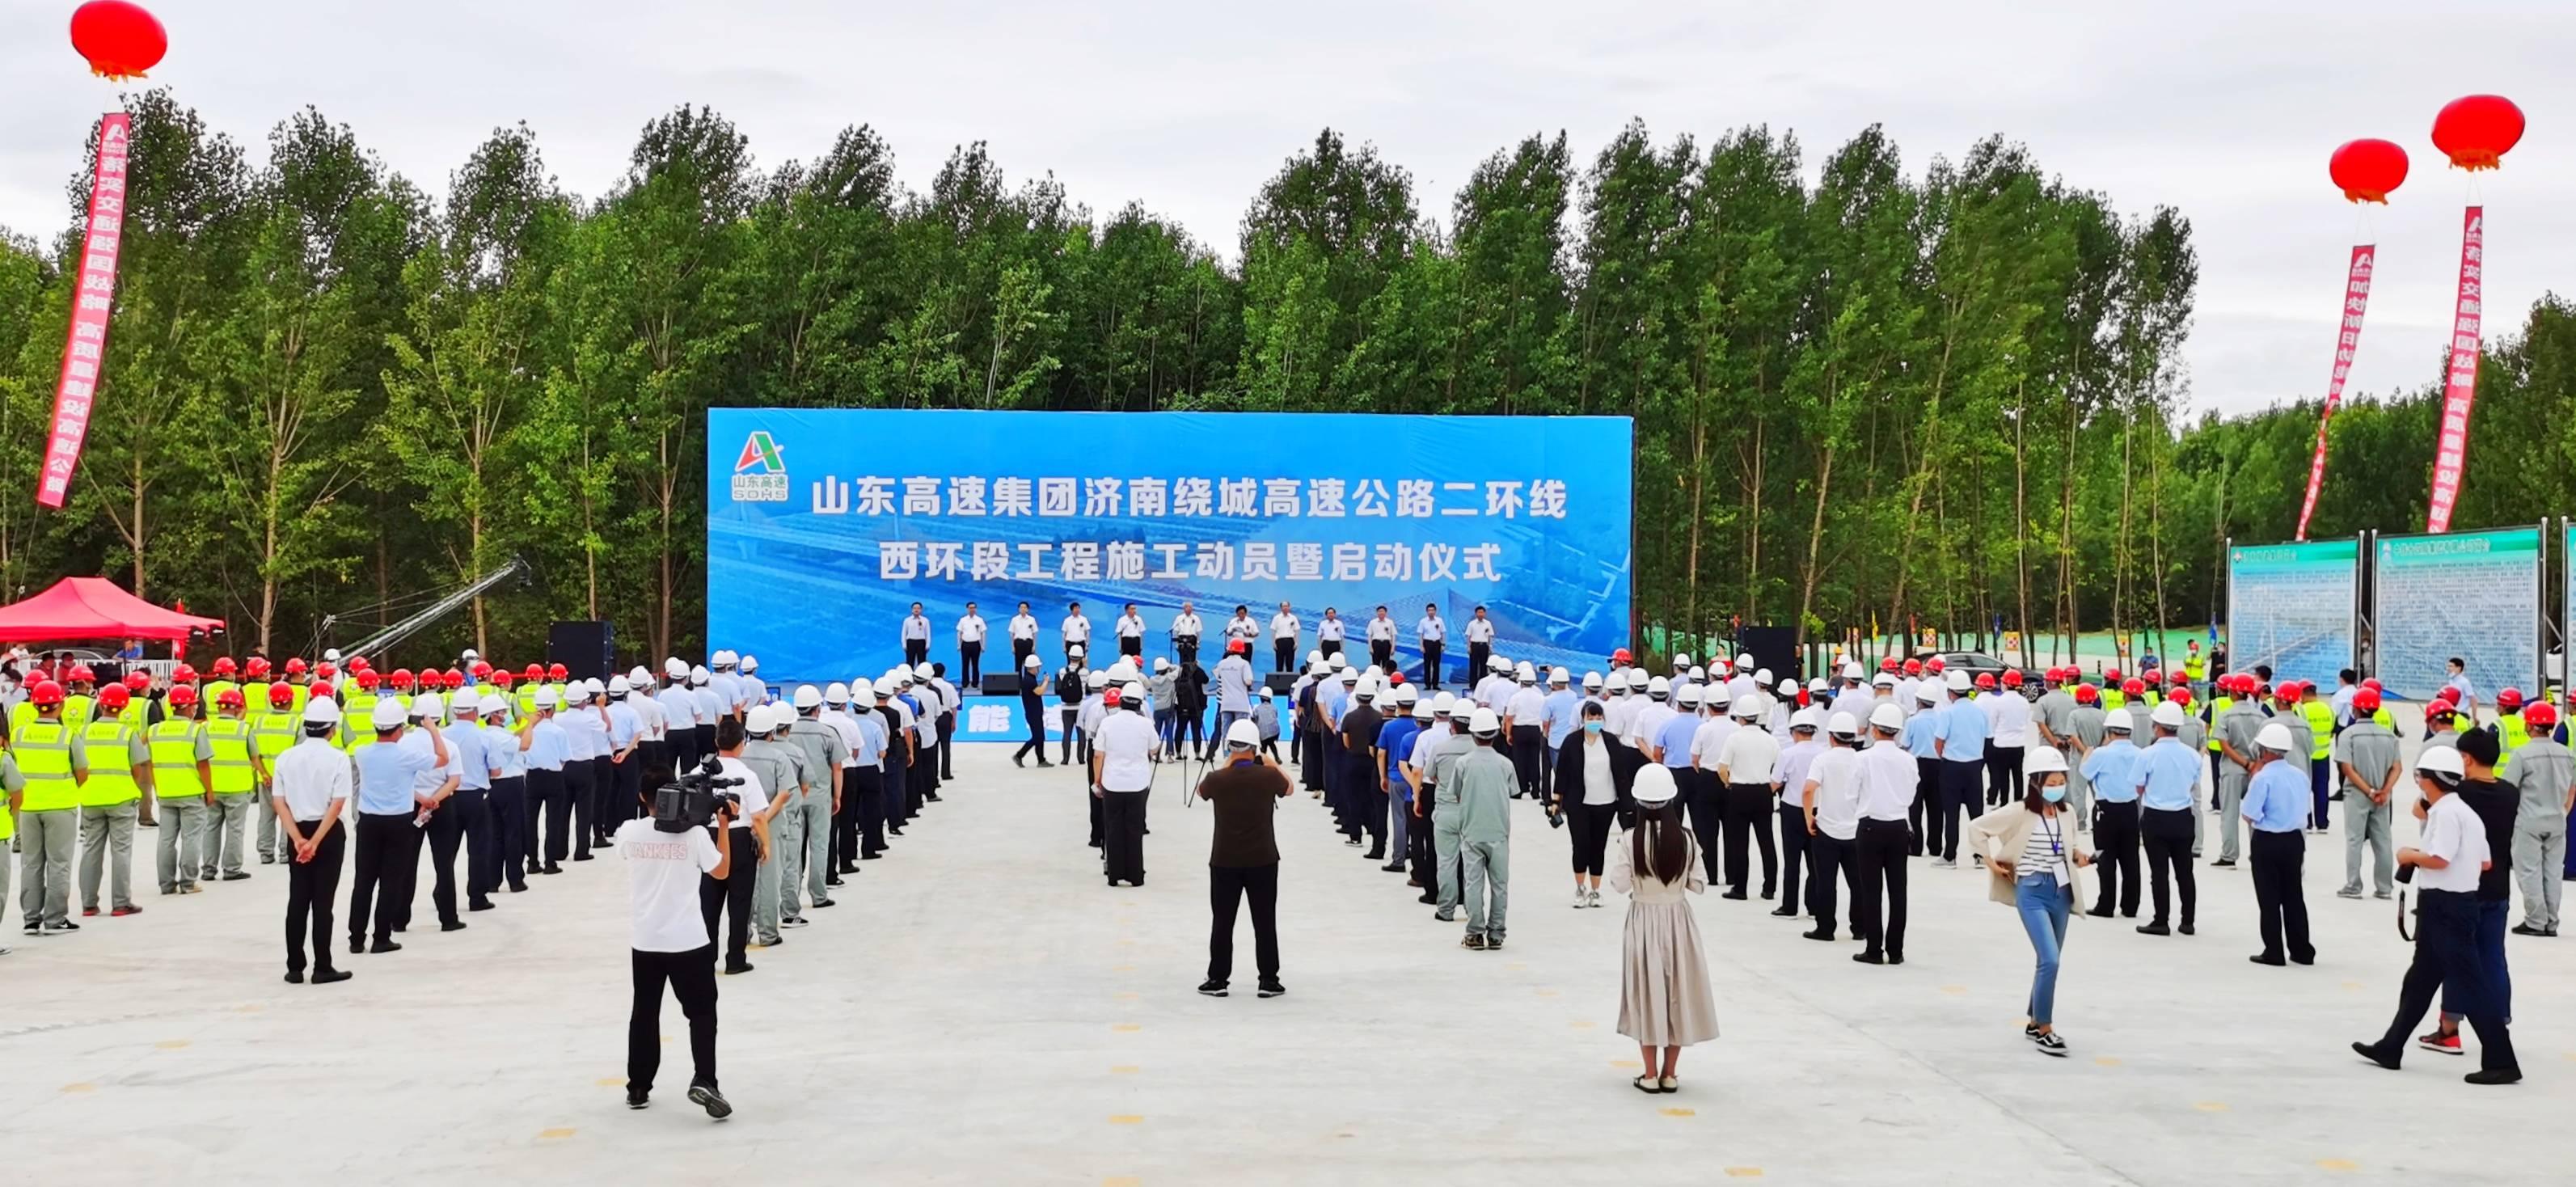 """济南""""大西环""""项目正式启动,规划建设一座长达4626米的黄河特大桥"""